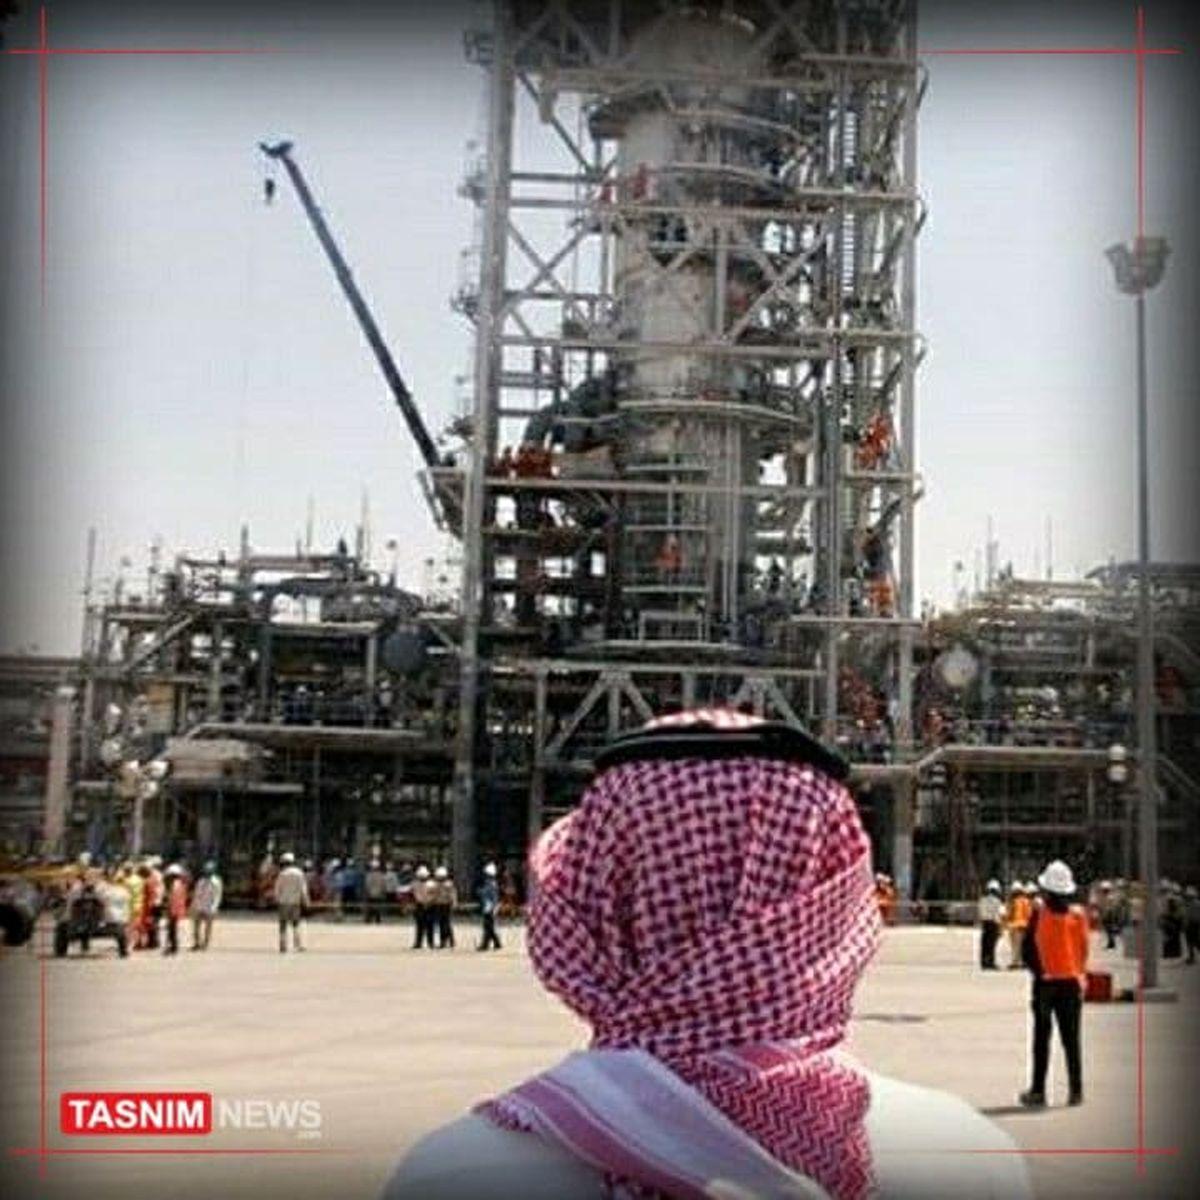 شنیده شدن صدای انفجار در آرامکوی عربستان